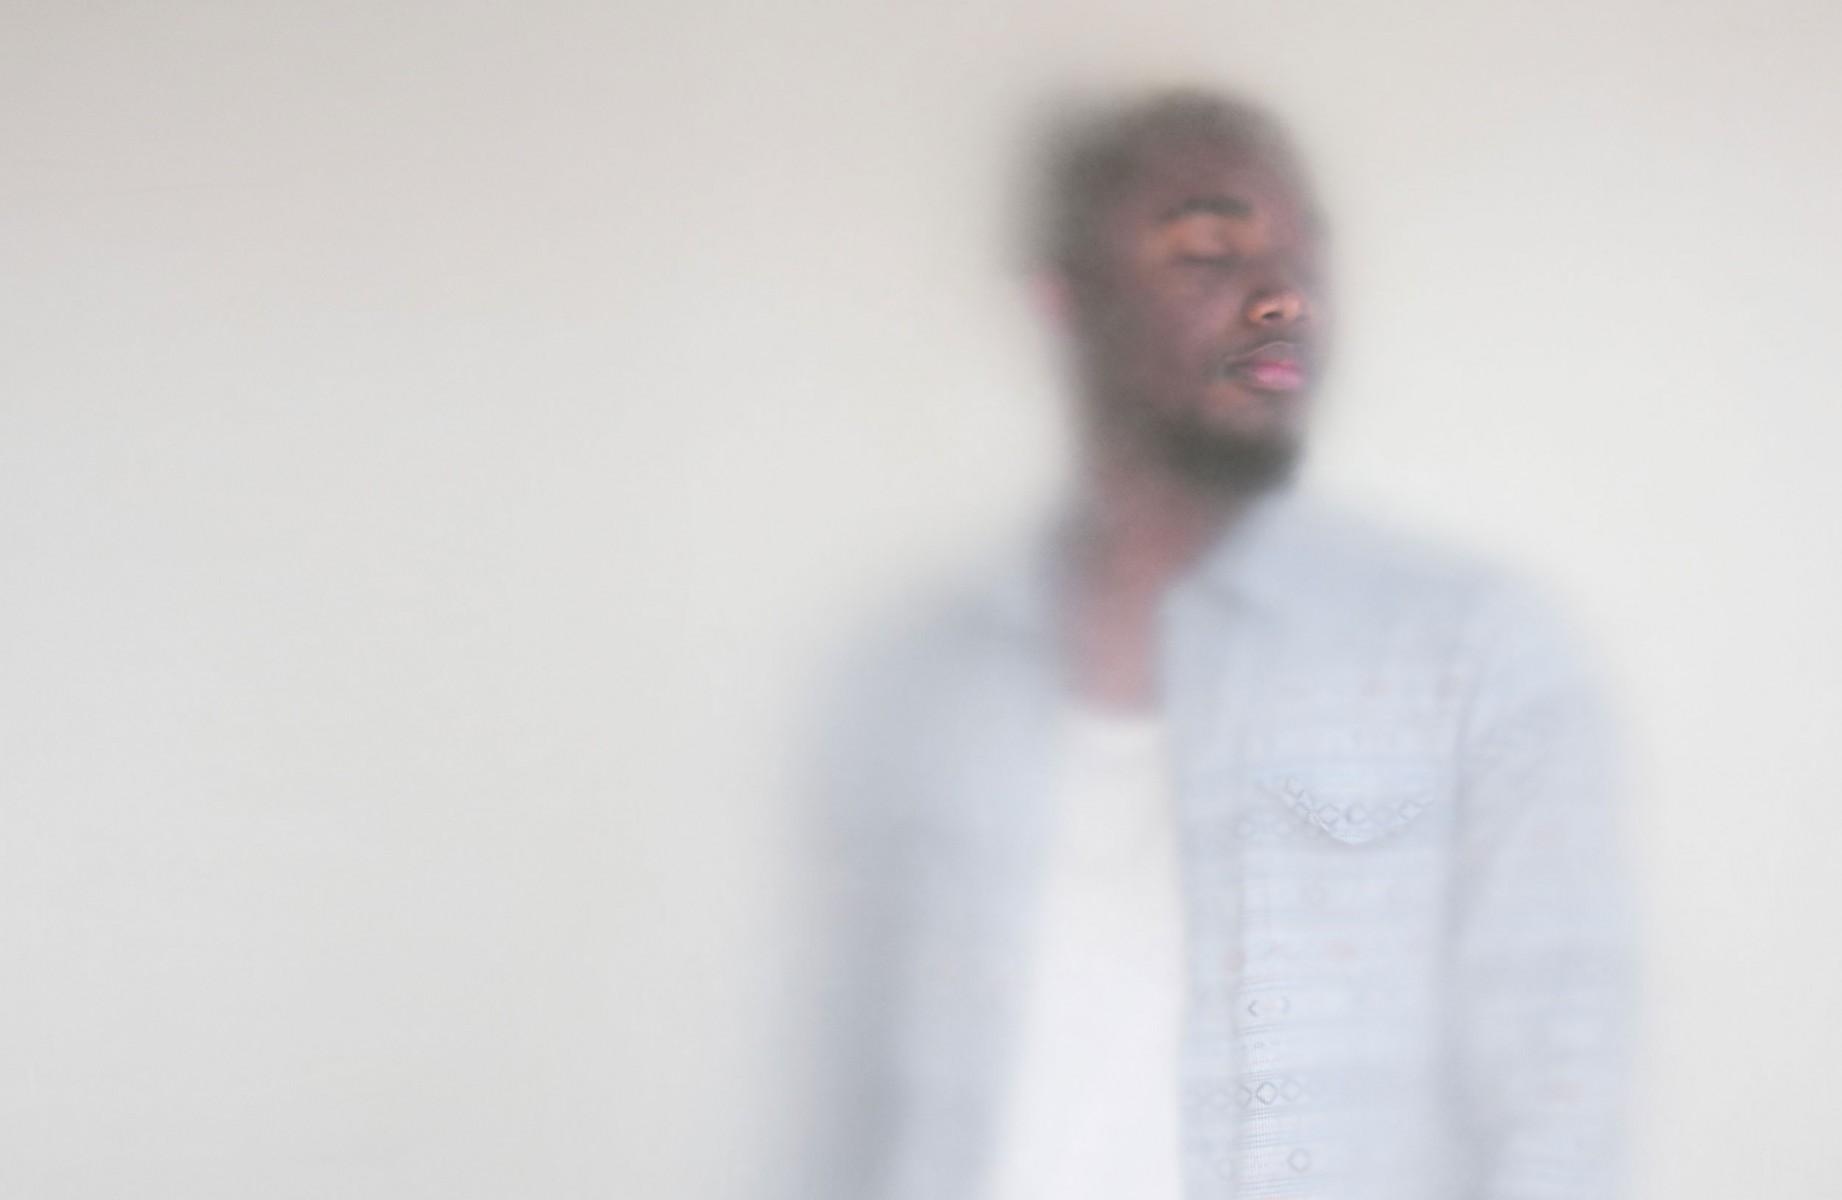 A man in a light blue shirt